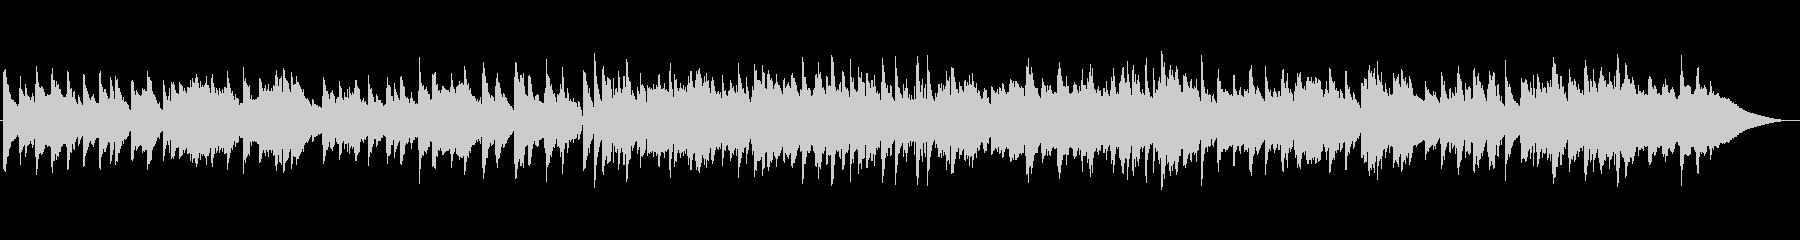 ゆったりジャズ ピアノ ベース ブラシの未再生の波形